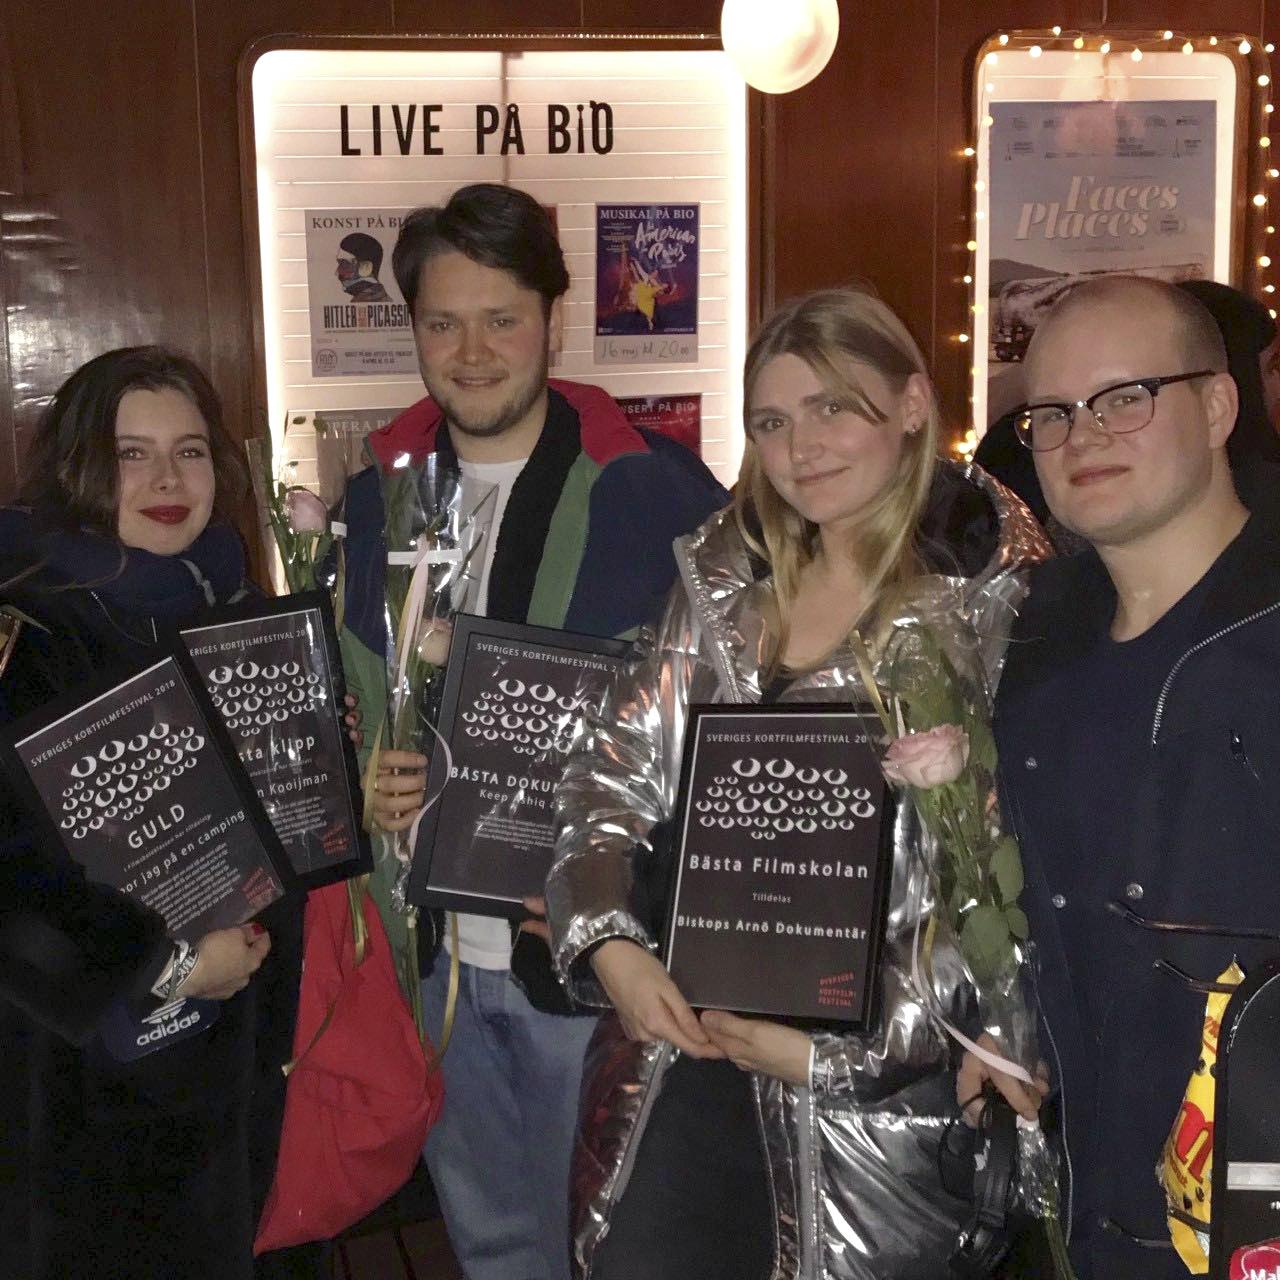 Från vänster: Jasmijn Kooijman, Rikard Nilsson, Kajsa Östgård och Joar Plunger.